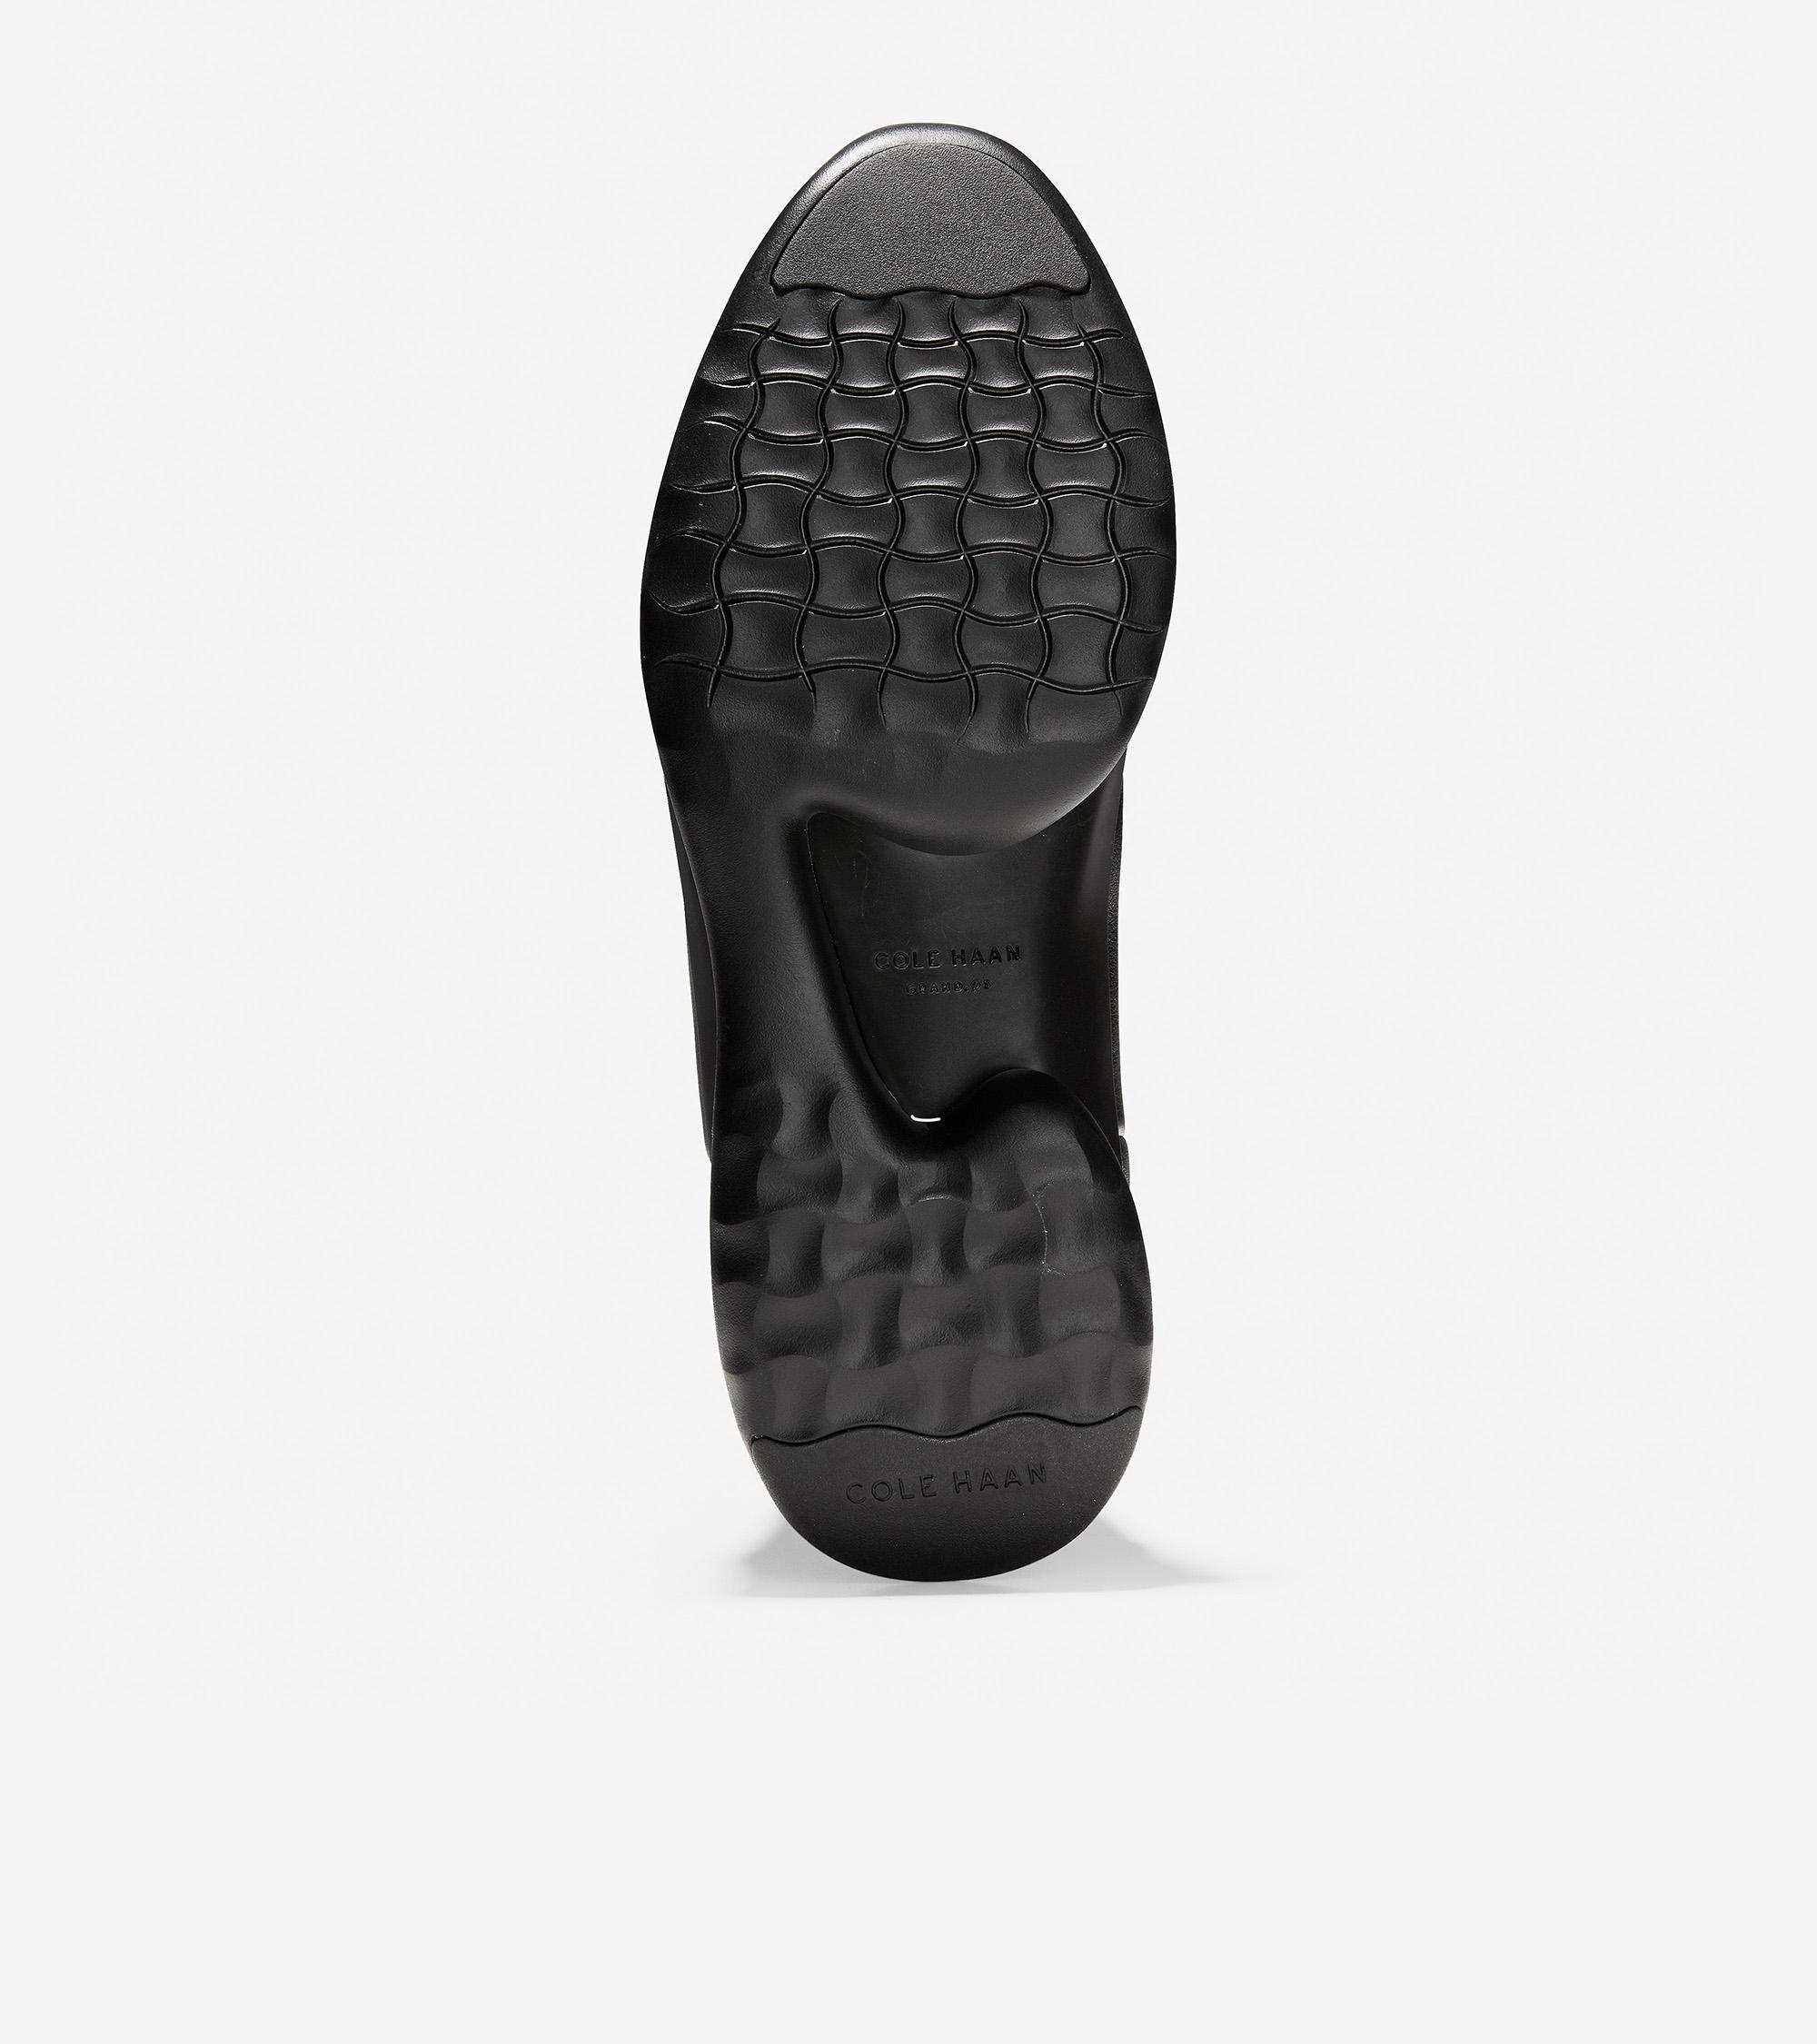 582496c3596a0 Women's 3.ZERØGRAND Chelsea Boot in Black | Cole Haan US